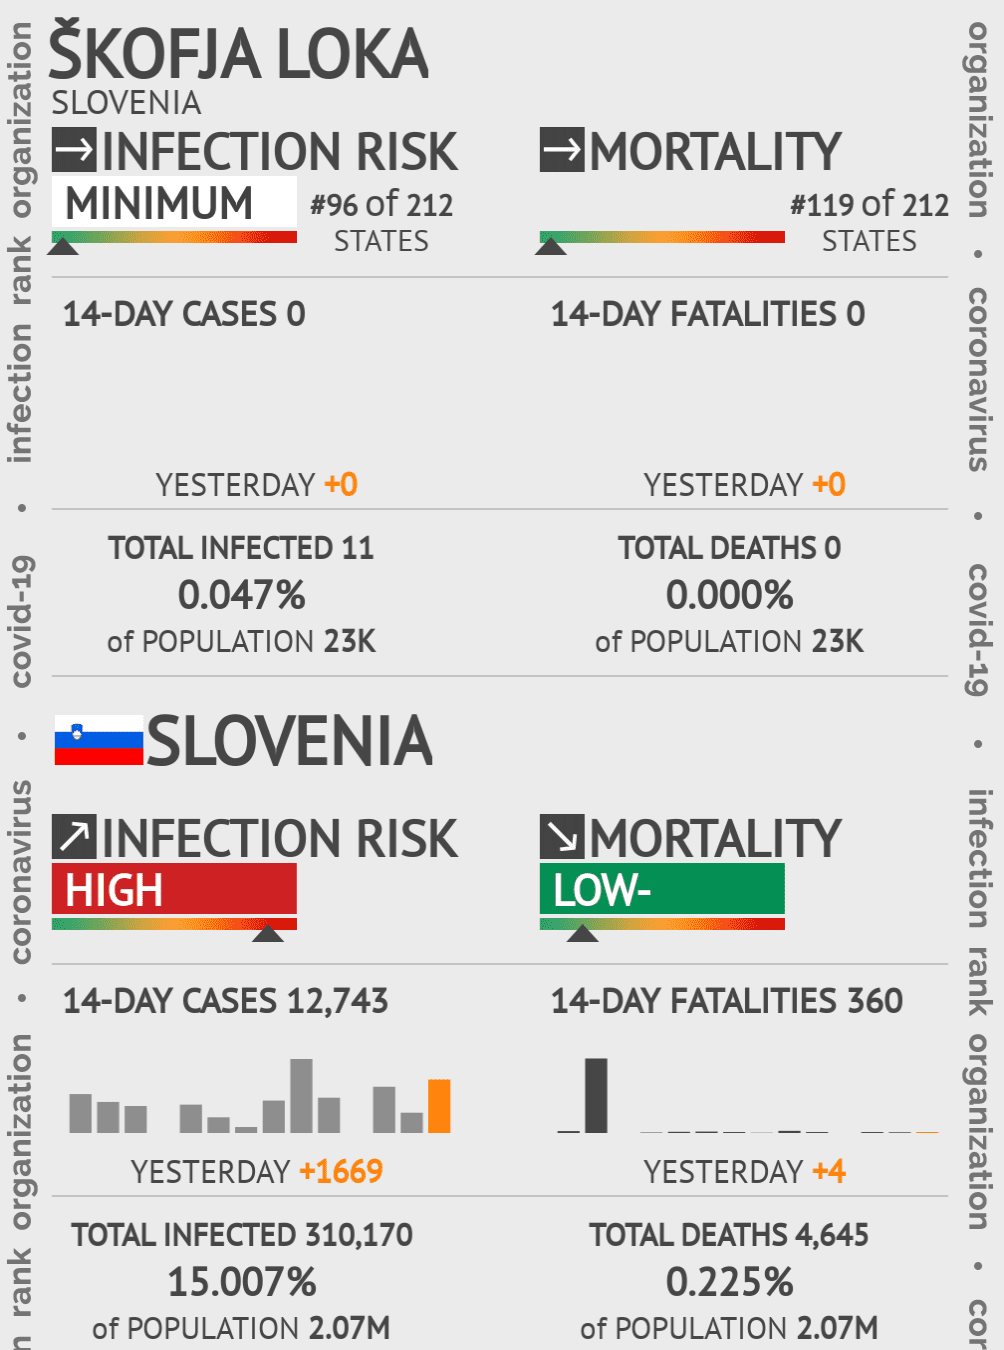 Škofja Loka Coronavirus Covid-19 Risk of Infection on May 14, 2020